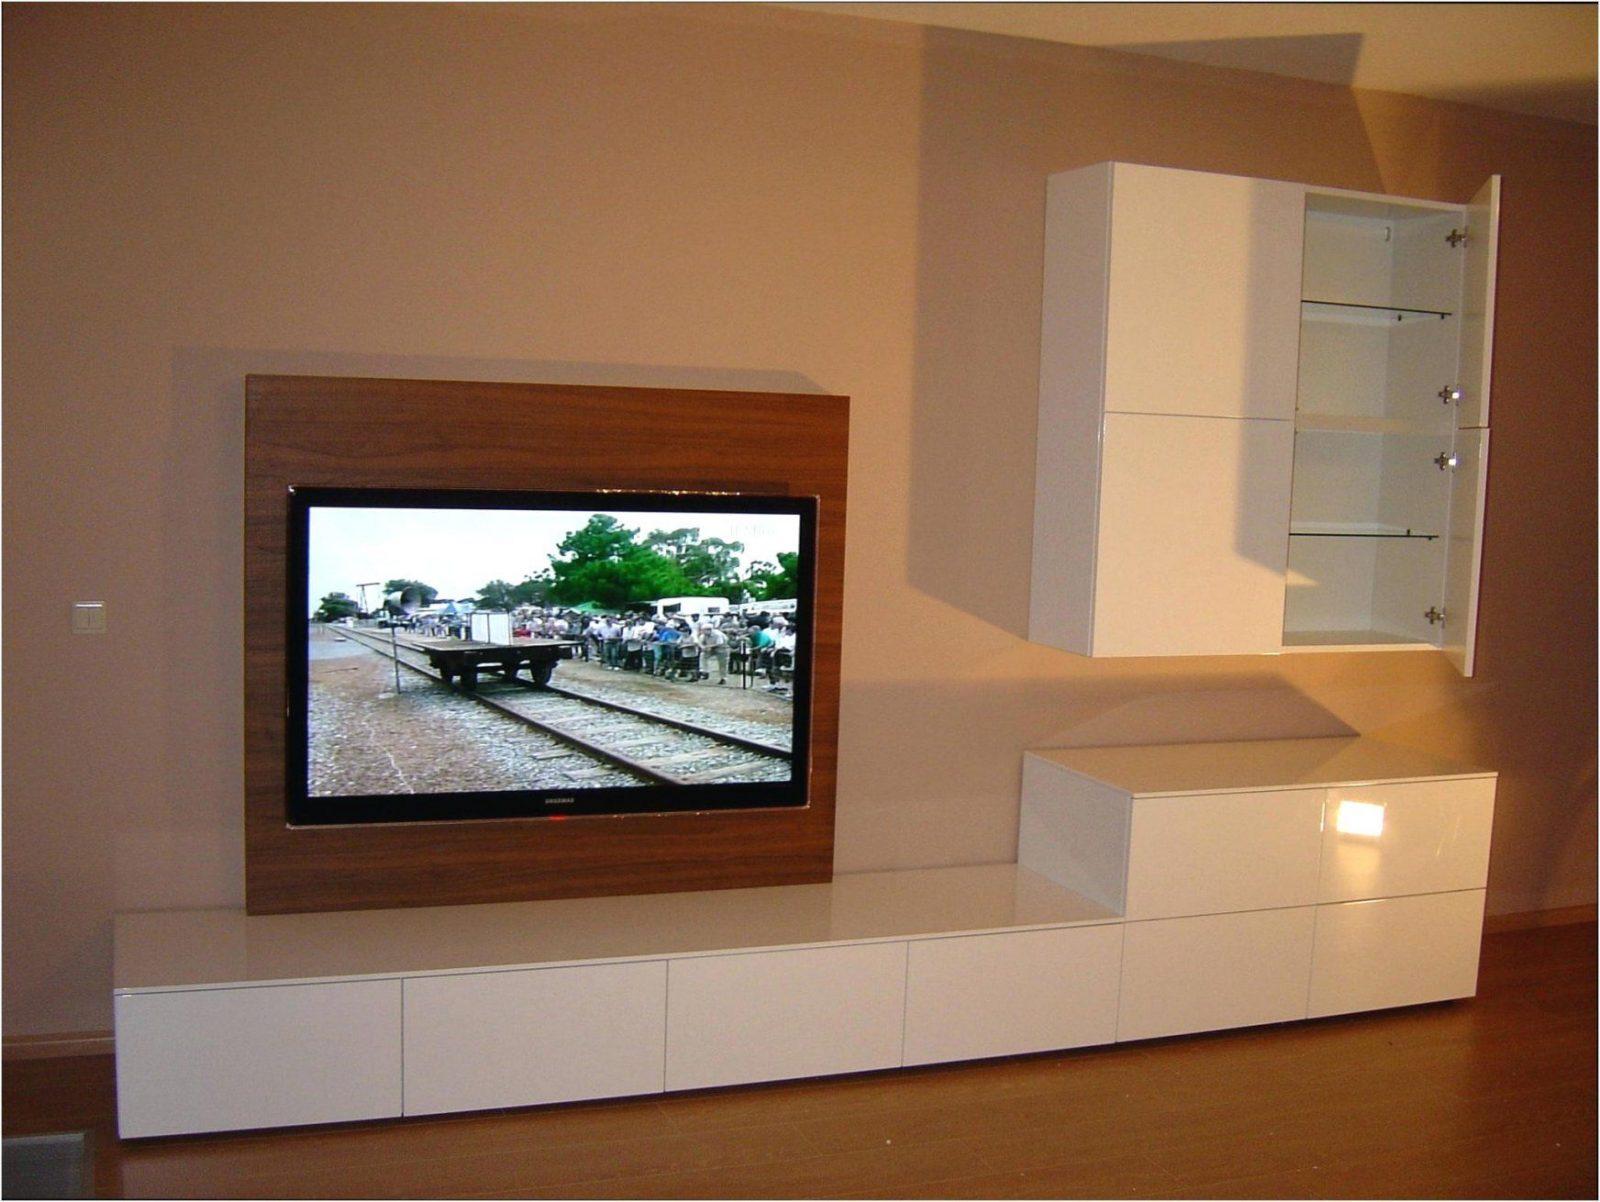 Wohnwand Selber Bauen Rigips Mit Tv Wand Bauanleitung Zum Heimwerker von Tv Wand Selber Bauen Kosten Bild